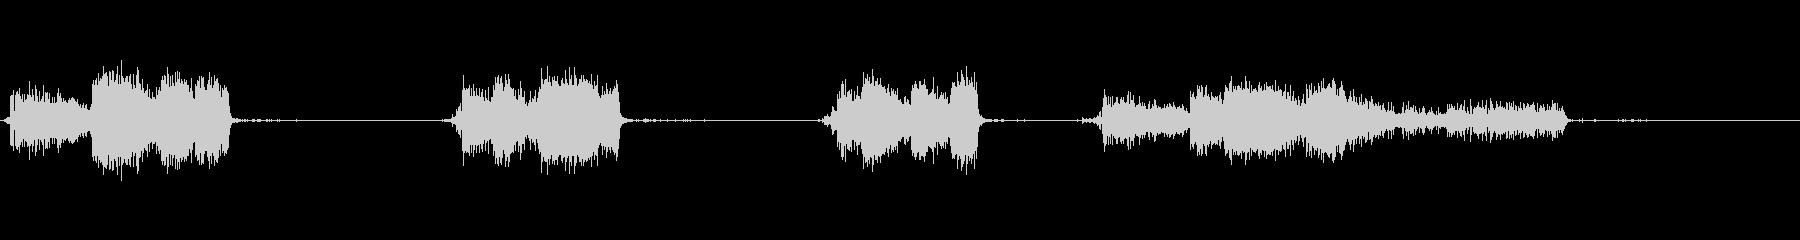 スプレーペイント:スプレー、ランア...の未再生の波形